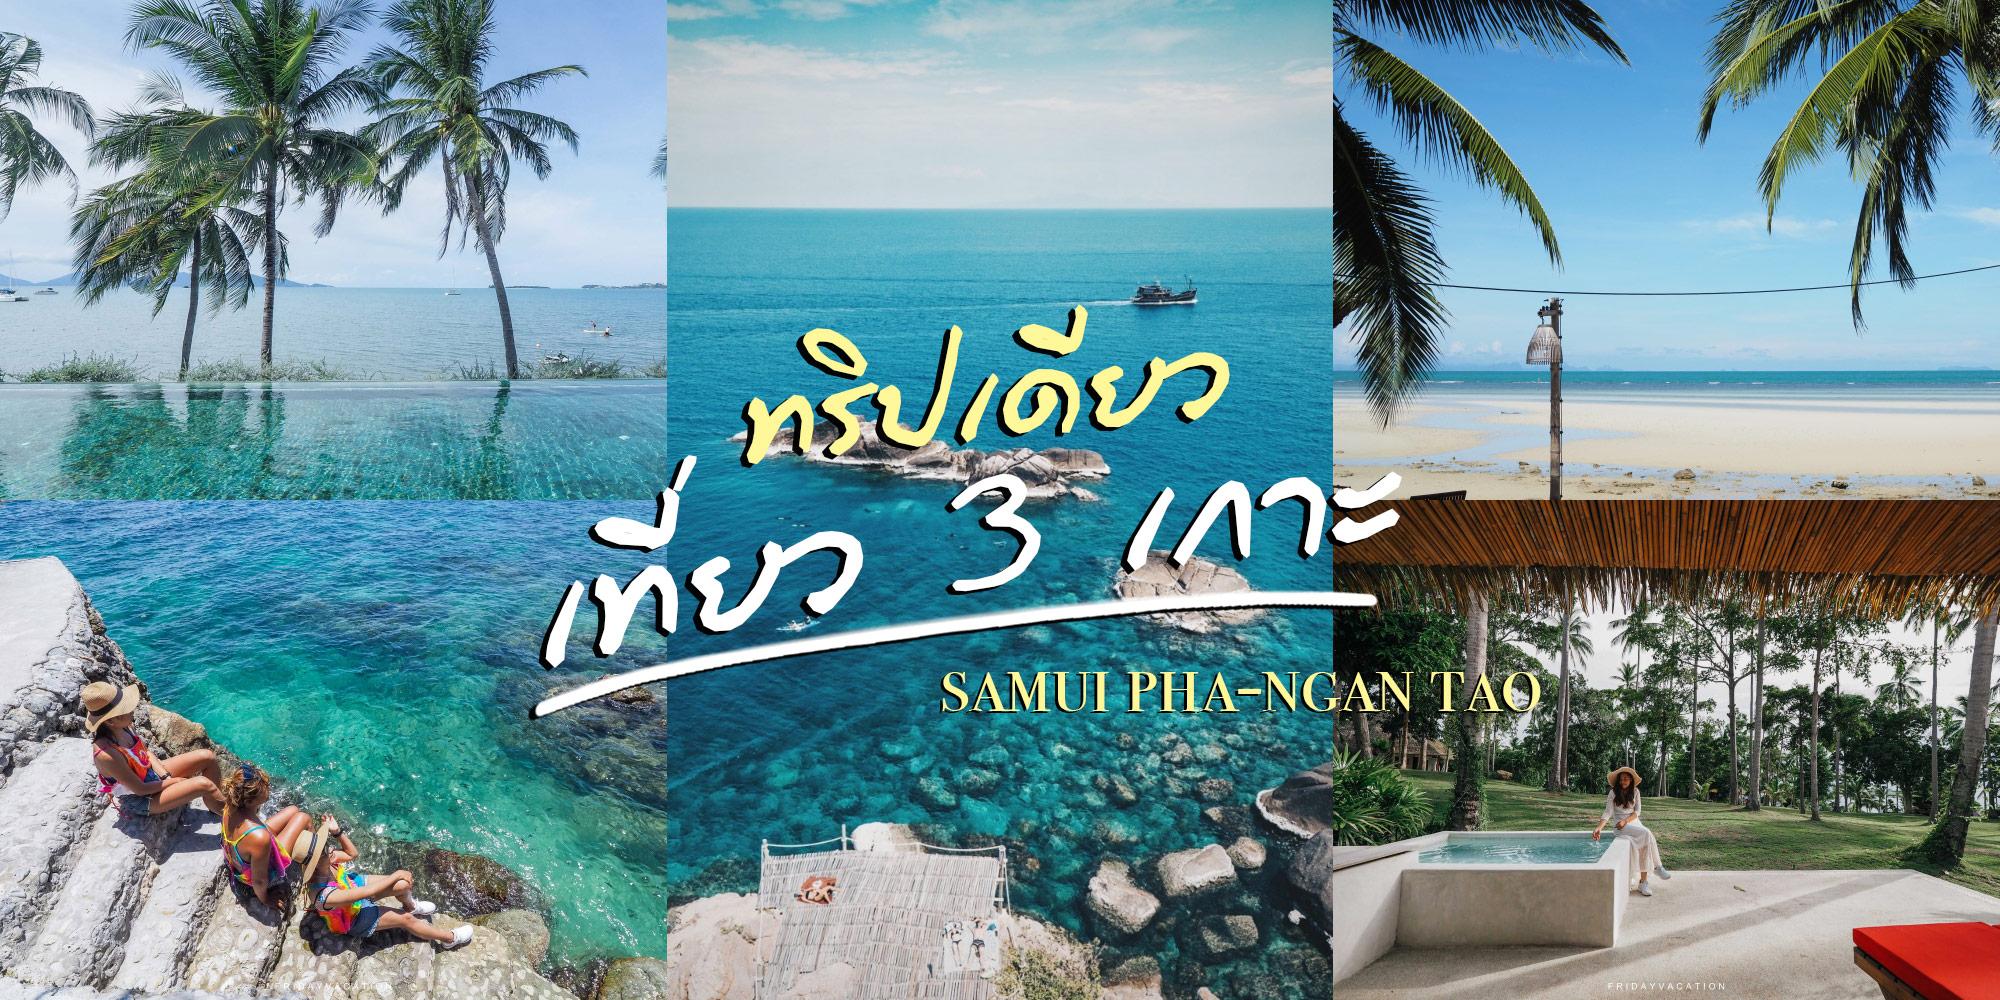 รีวิวเดียวเที่ยว 3 เกาะ ทะเลอ่าวไทย ครบทุกจุดเช็คอิน